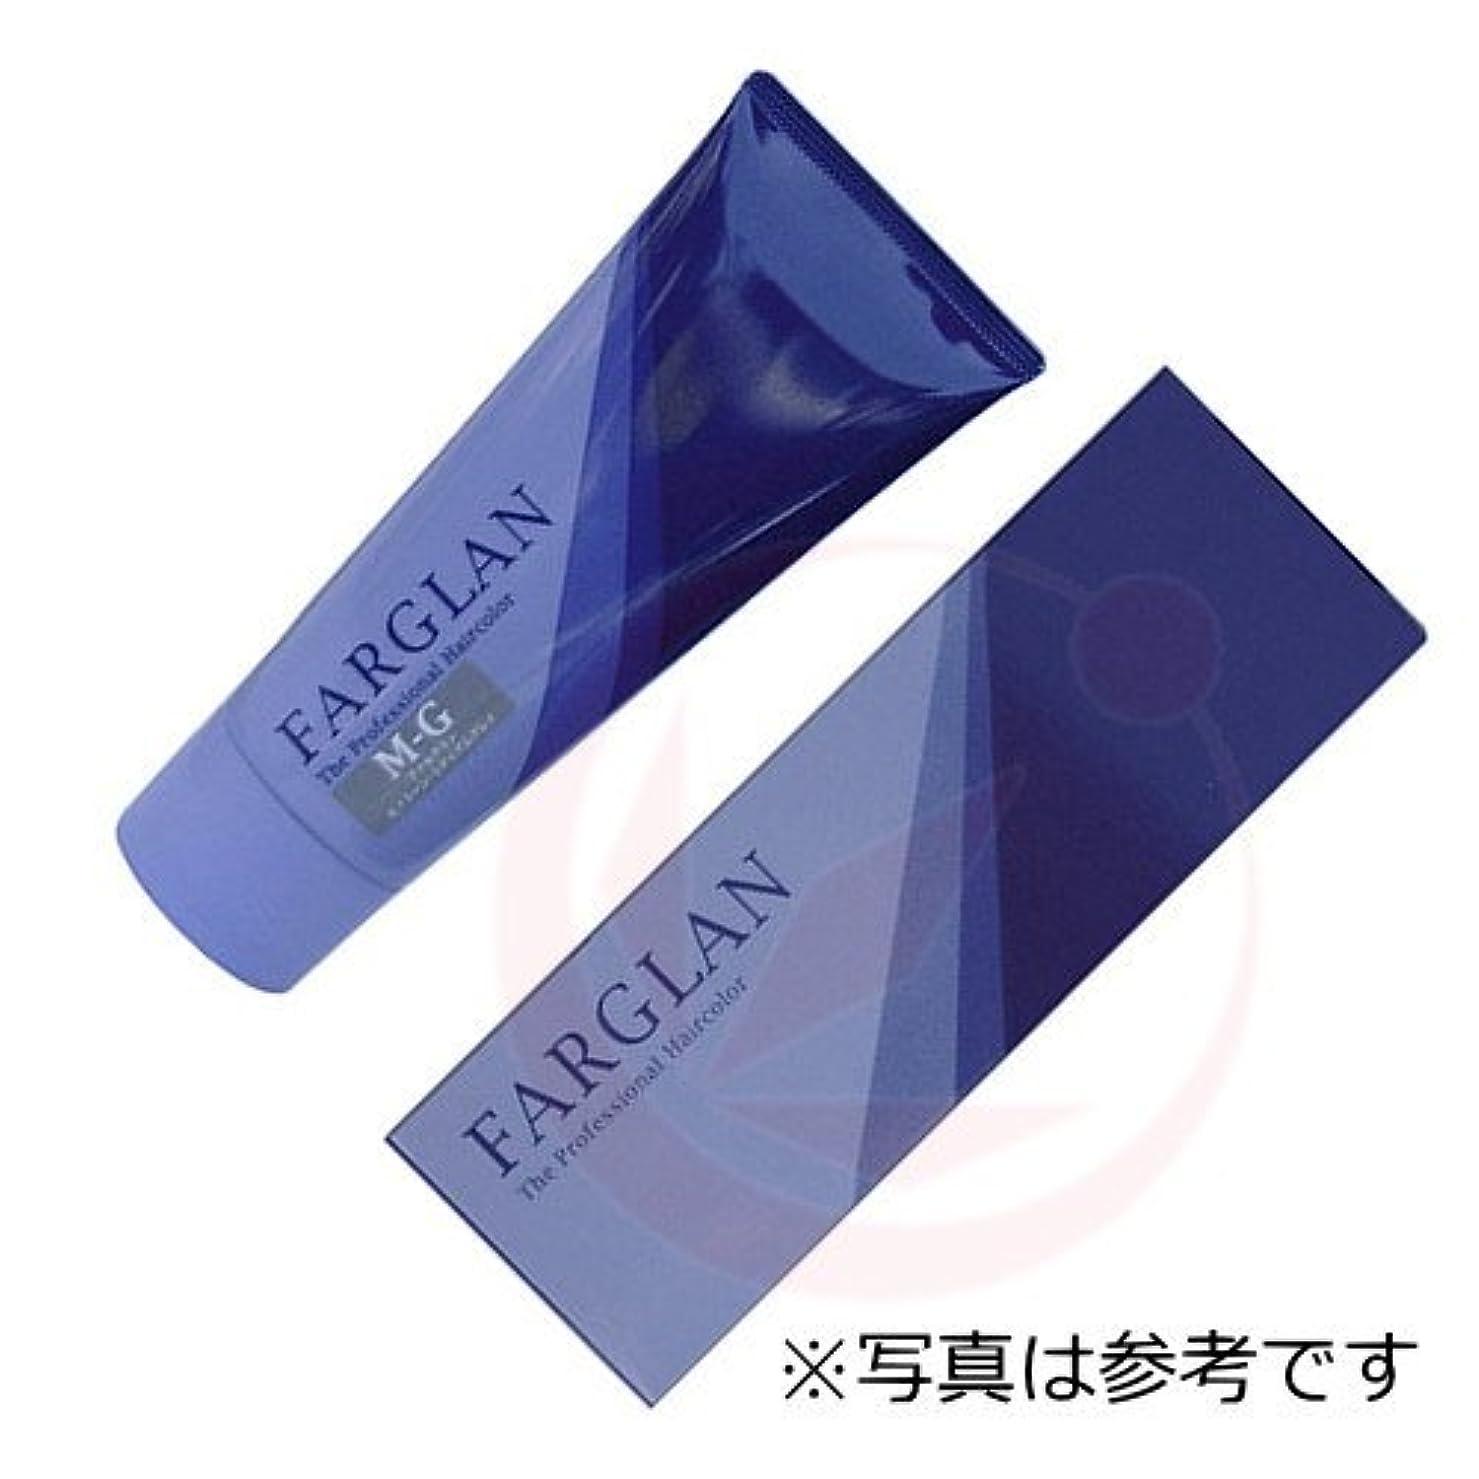 工場インフレーション暗いミルボン ファルグラン ペールライン 160g (ヘアマニキュア) 【ペールオリーブ】P-O